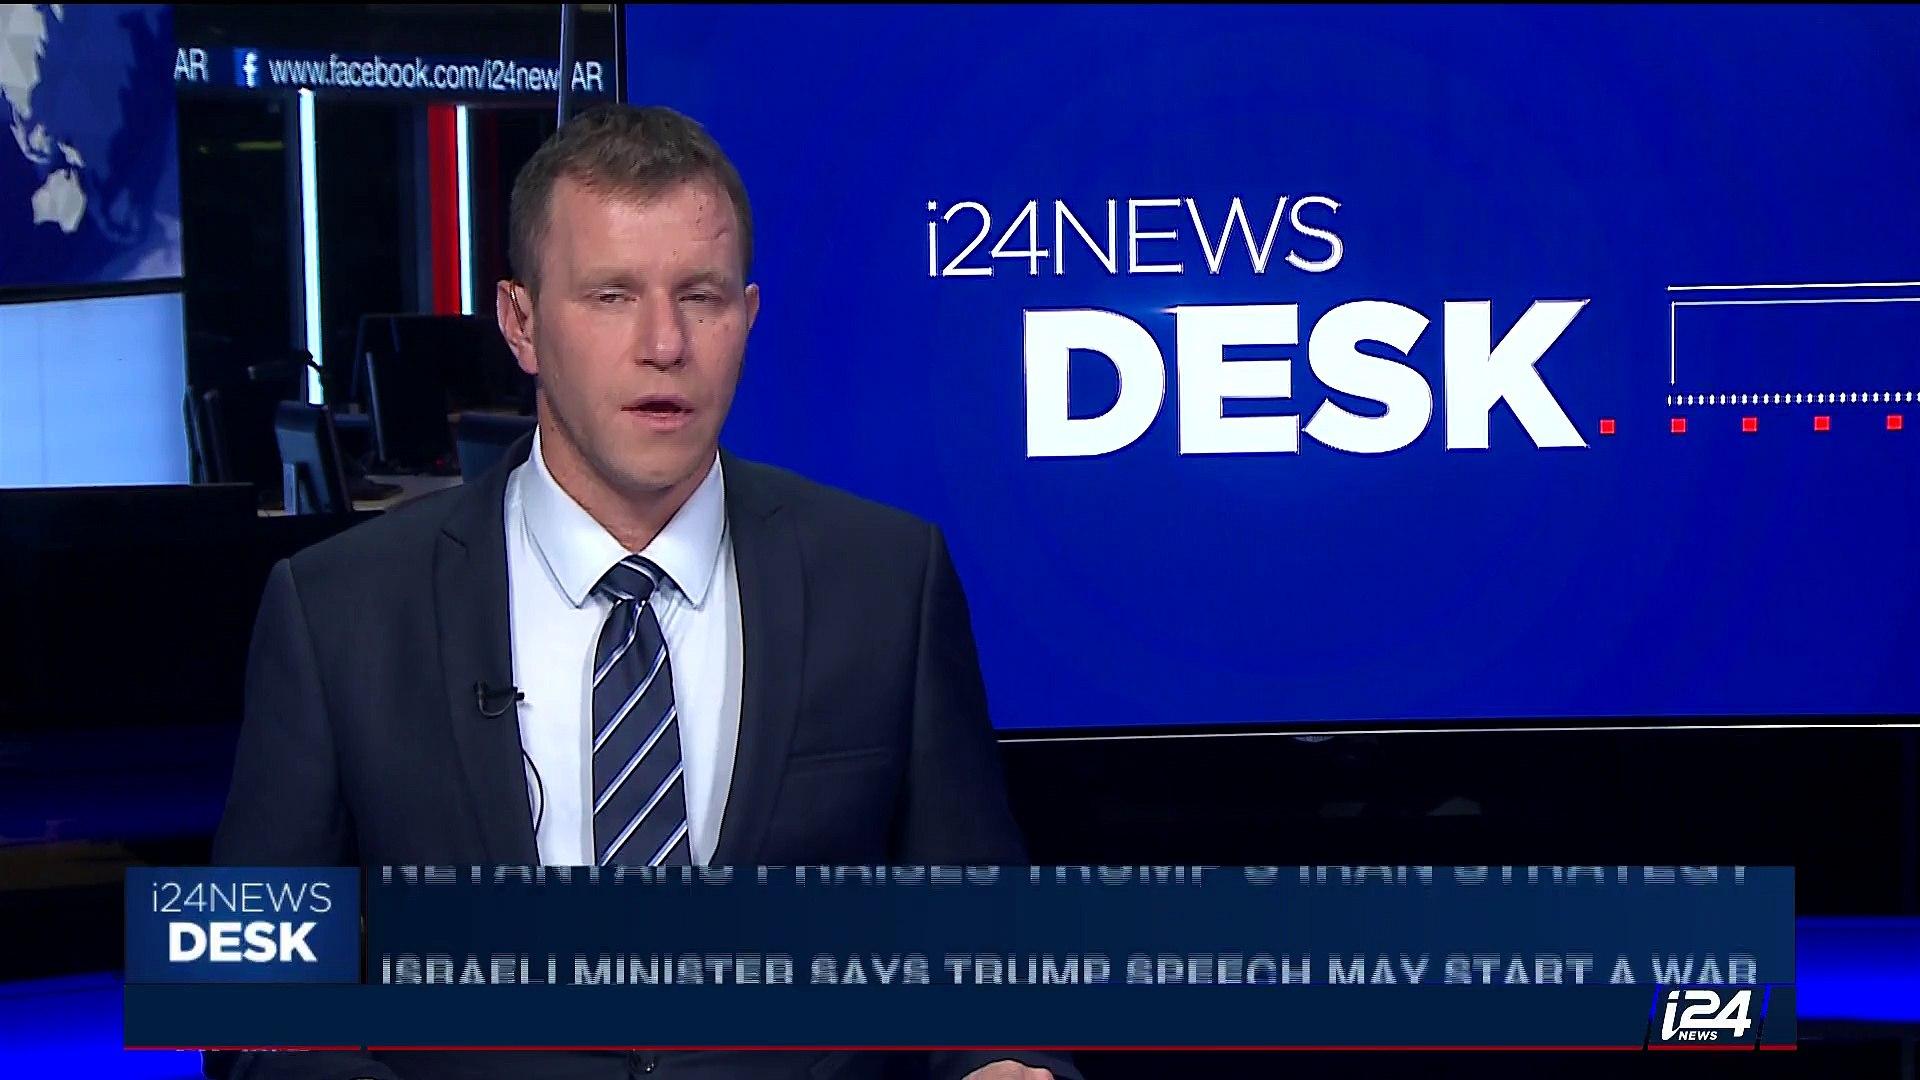 i24NEWS DESK | Israeli Minister says Trump speech may start a war | Friday, October 13th 2017